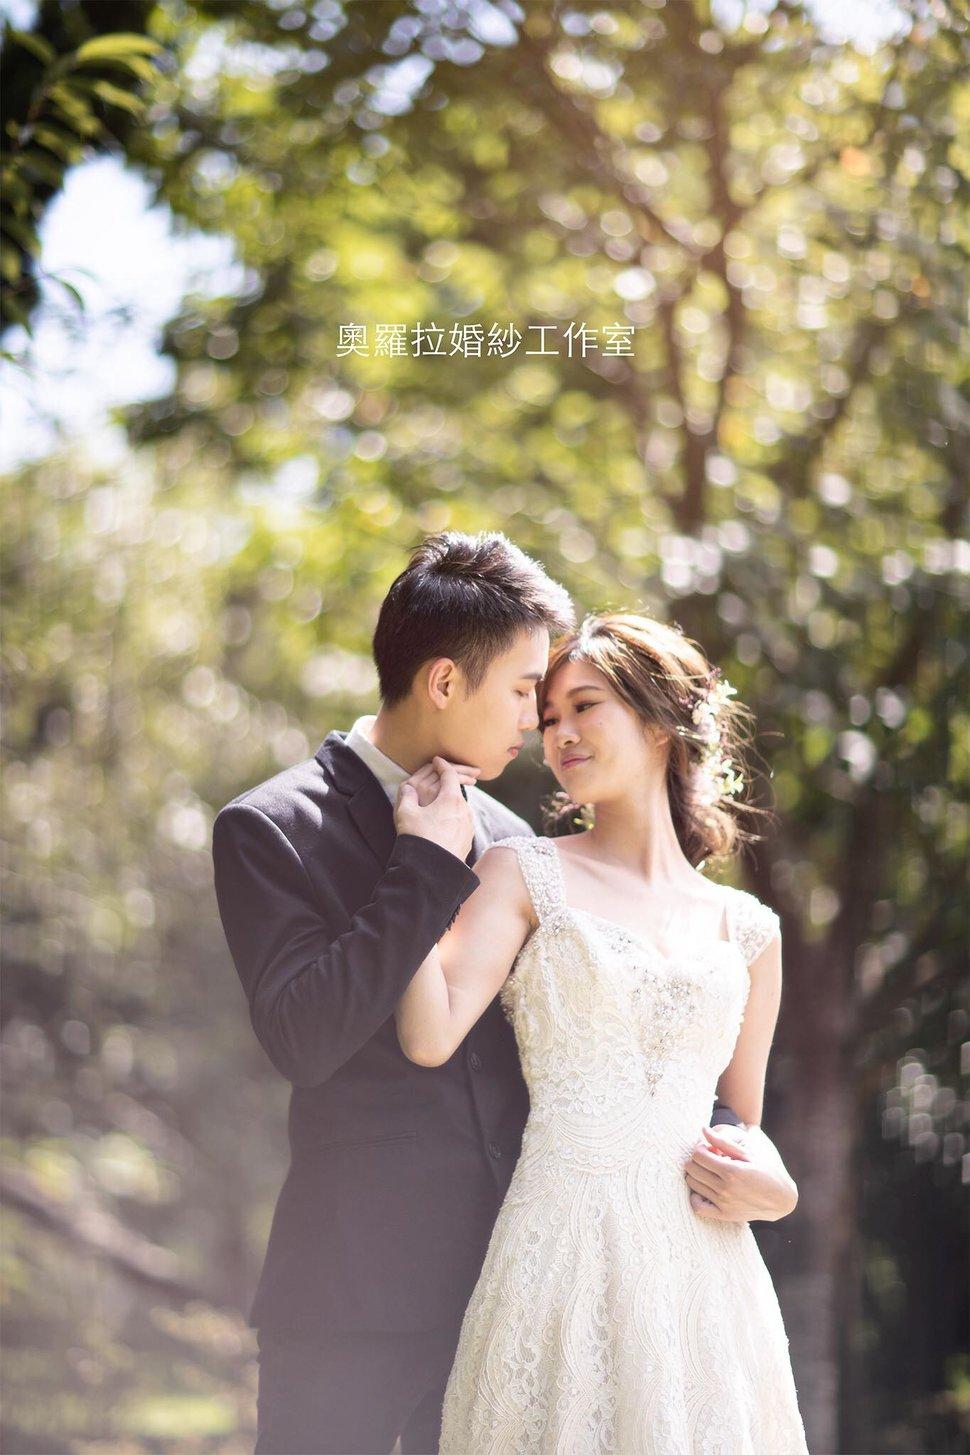 71342798_508272986416290_922860005143609344_o - 奧蘿拉自助婚紗工作室《結婚吧》